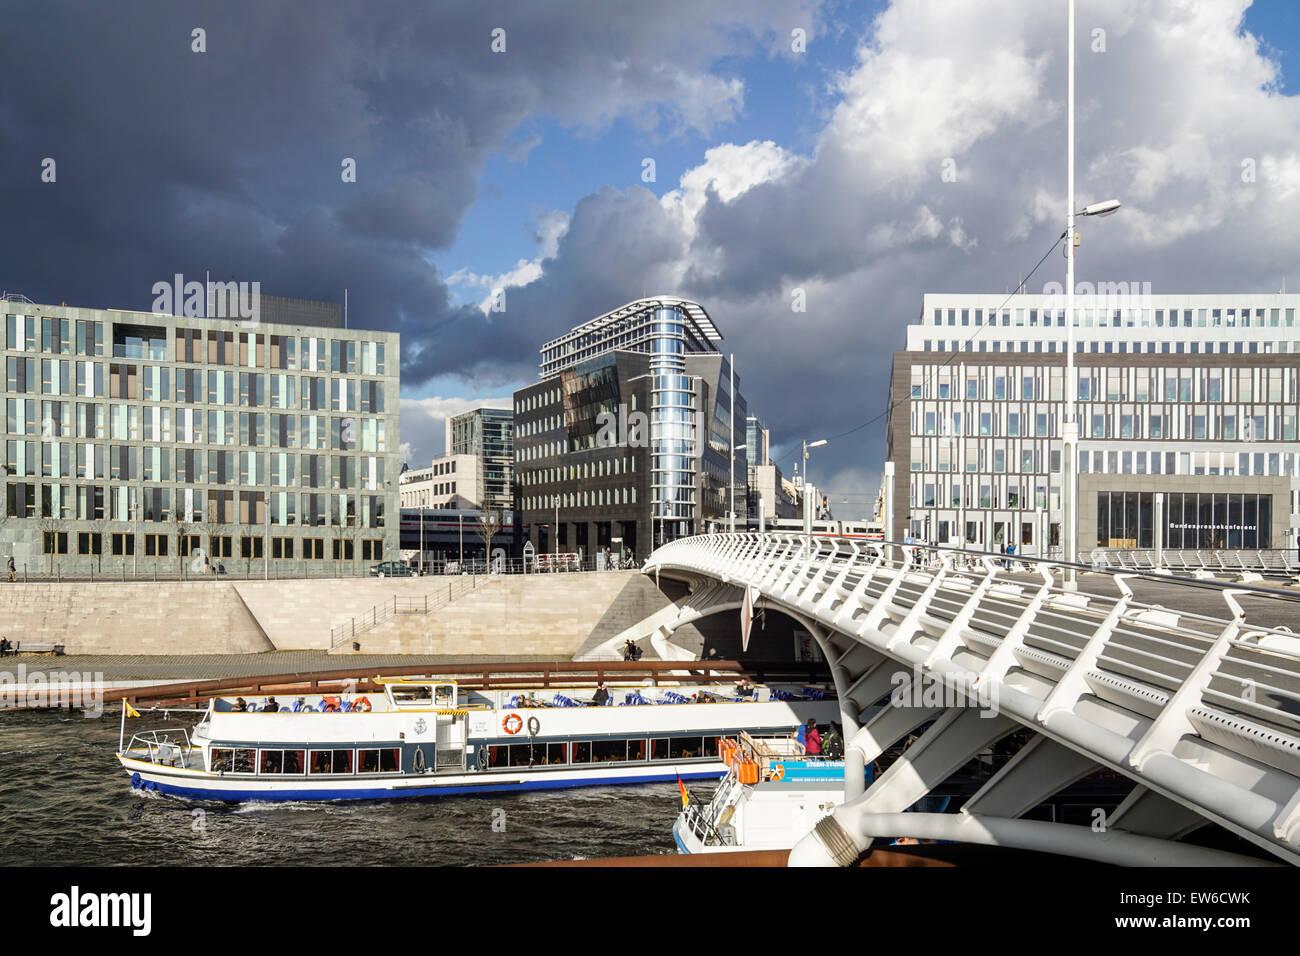 Modern Architecture Germany kronprinzen bridge, modern architecture, calatrava bridge, river